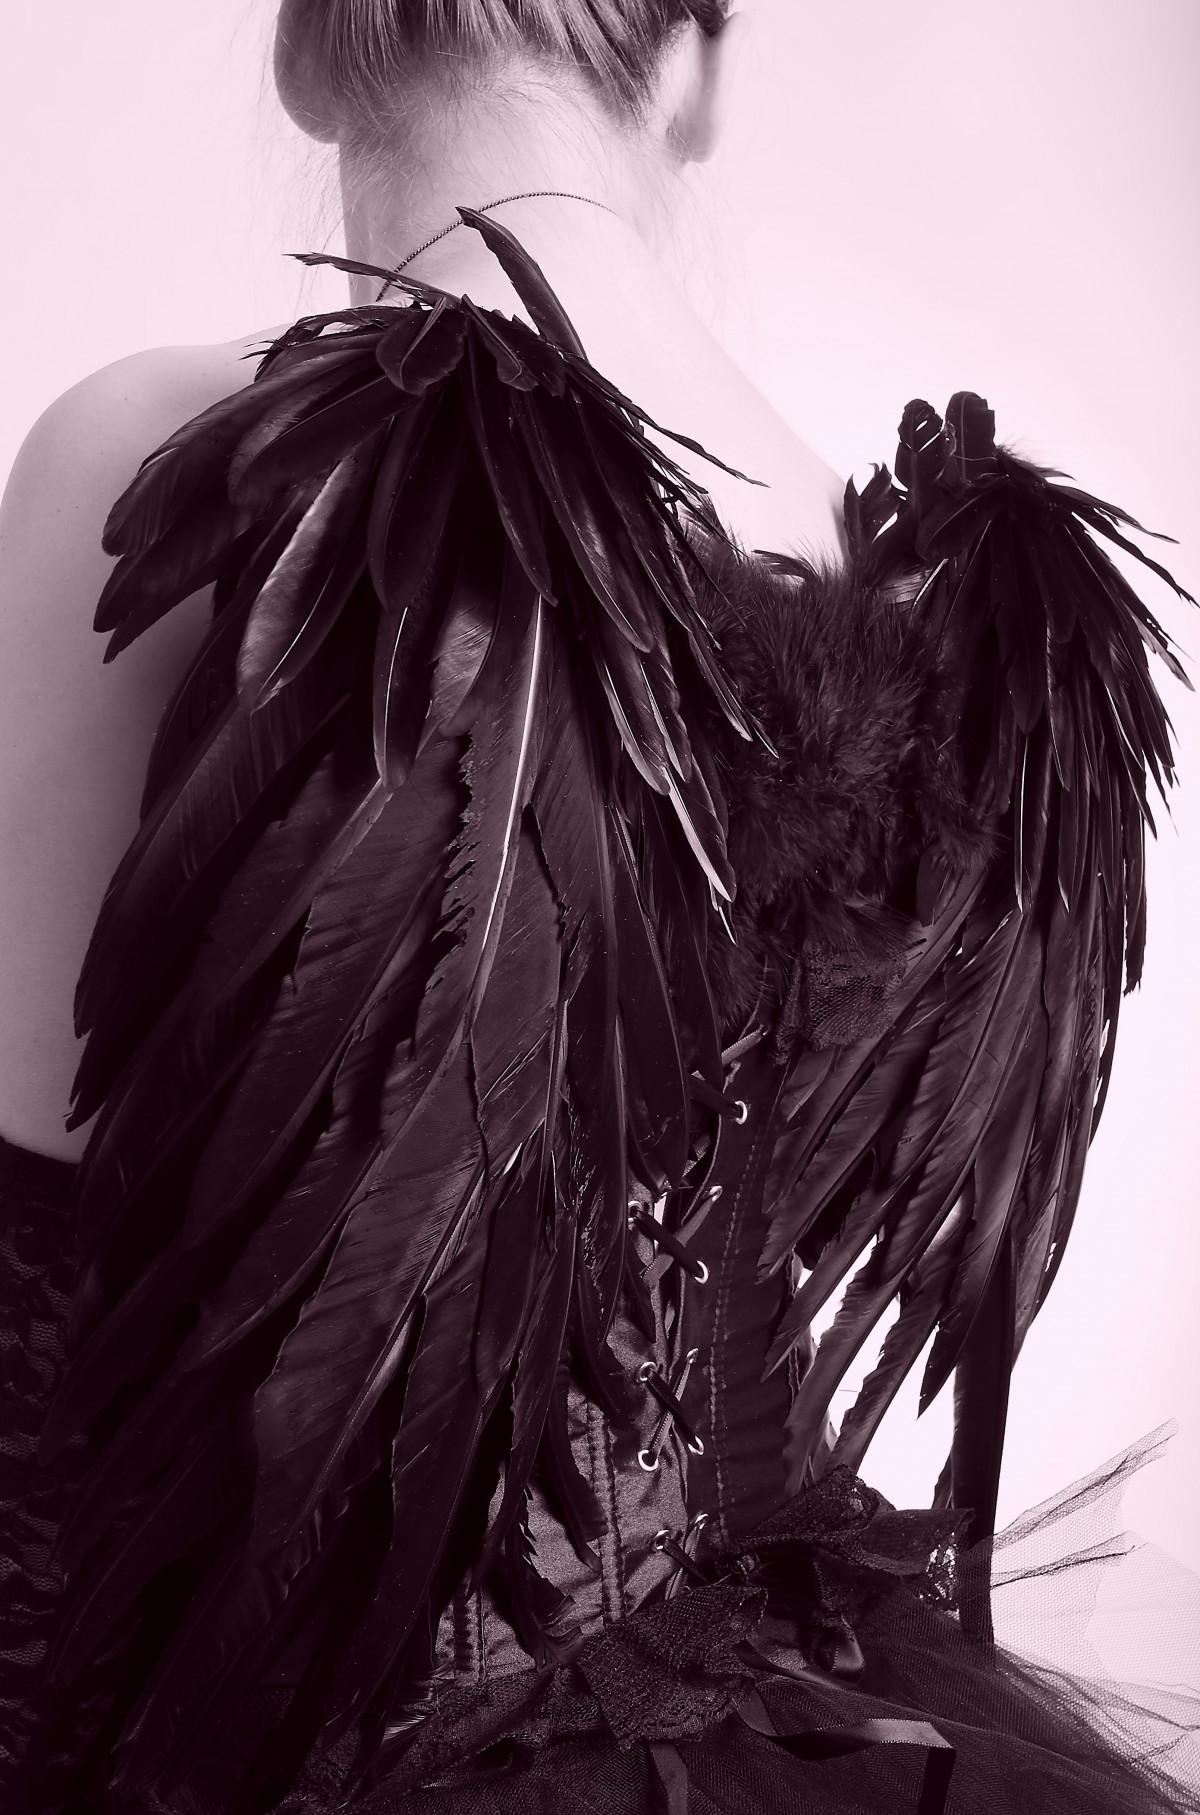 Gambar  bayangan hitam kreatif hitam dan putih terbang